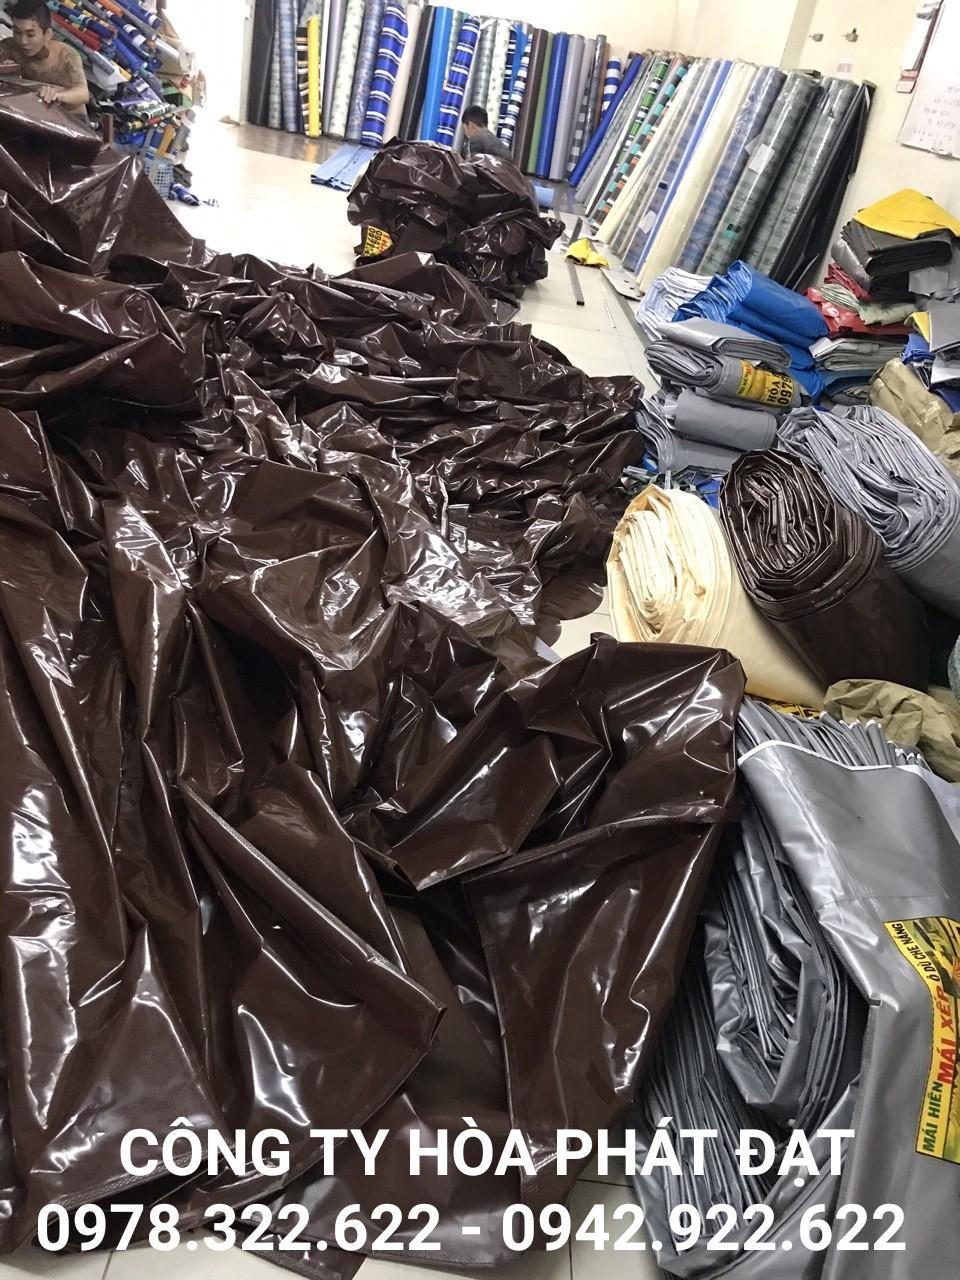 Chuyên cung cấp nhận in may ép vải bạt mái hiên mái xếp theo yêu cầu, gia công thay bạt mái che tại  cao bằng